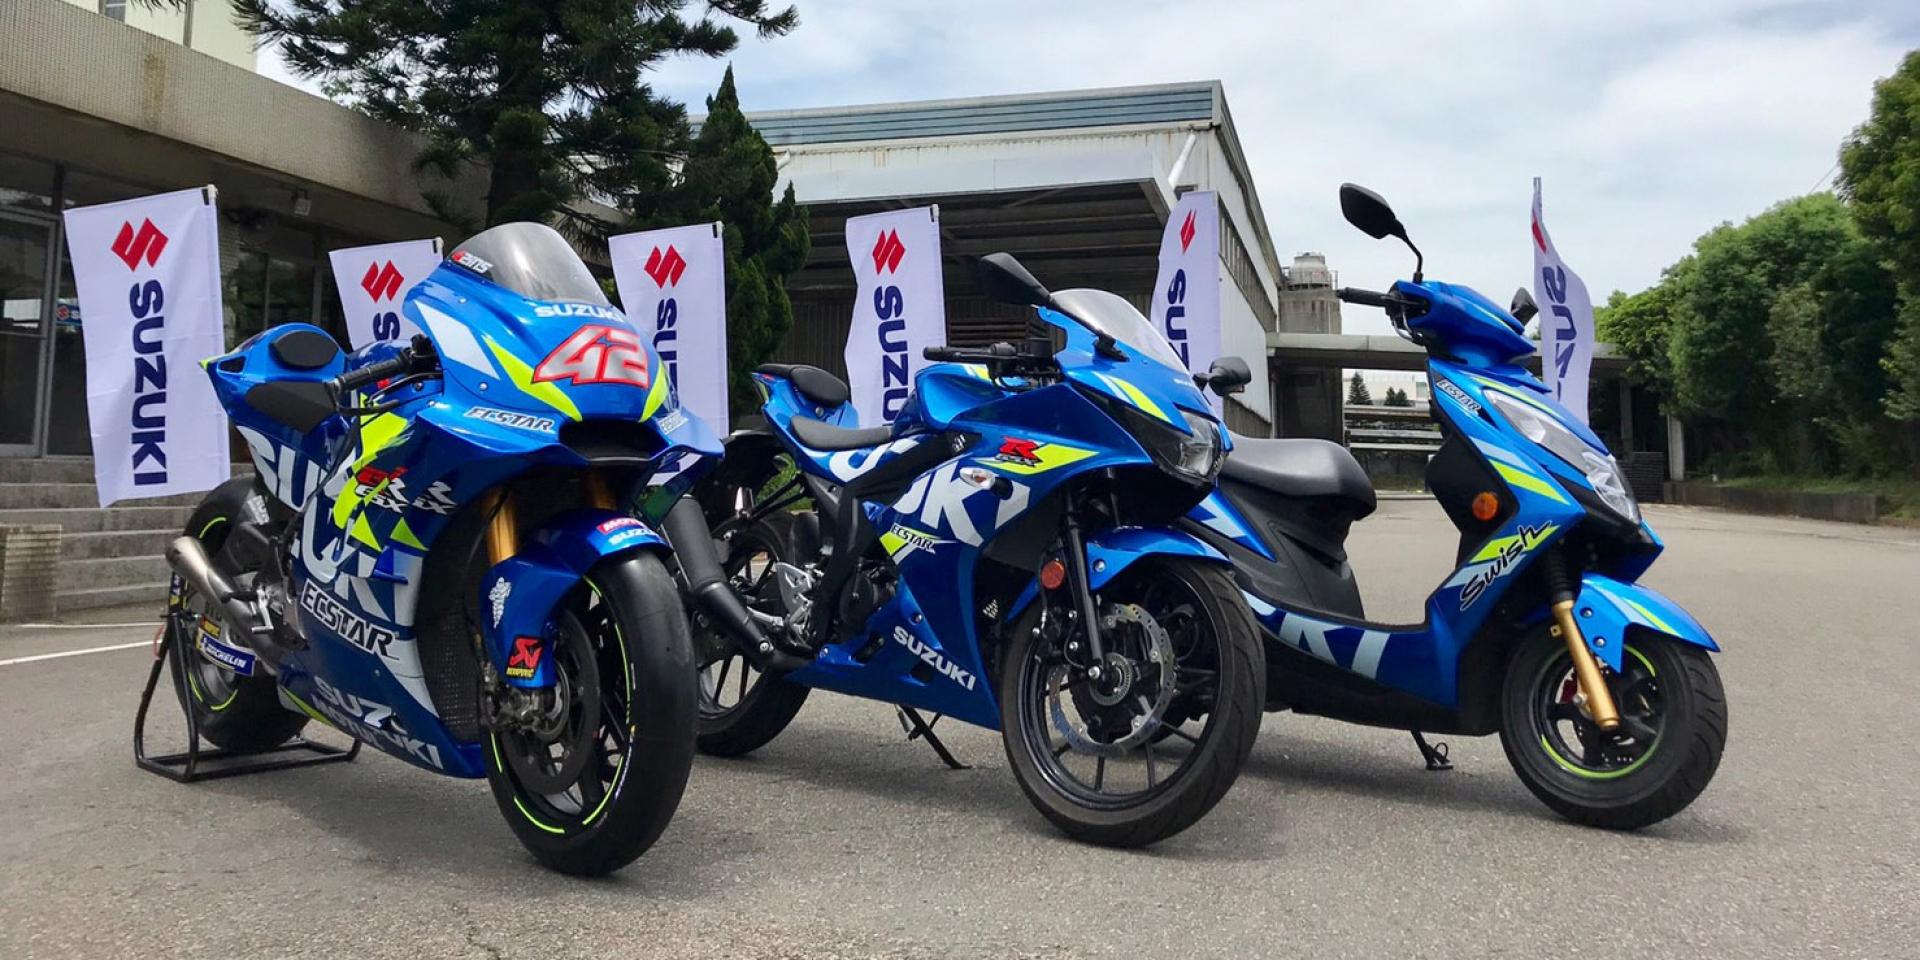 官方新聞稿。MotoGP GSX-RR工廠賽車、車手聯手登場 KATANA「刀」傳奇機種 與SUZUKI全機種全力出擊